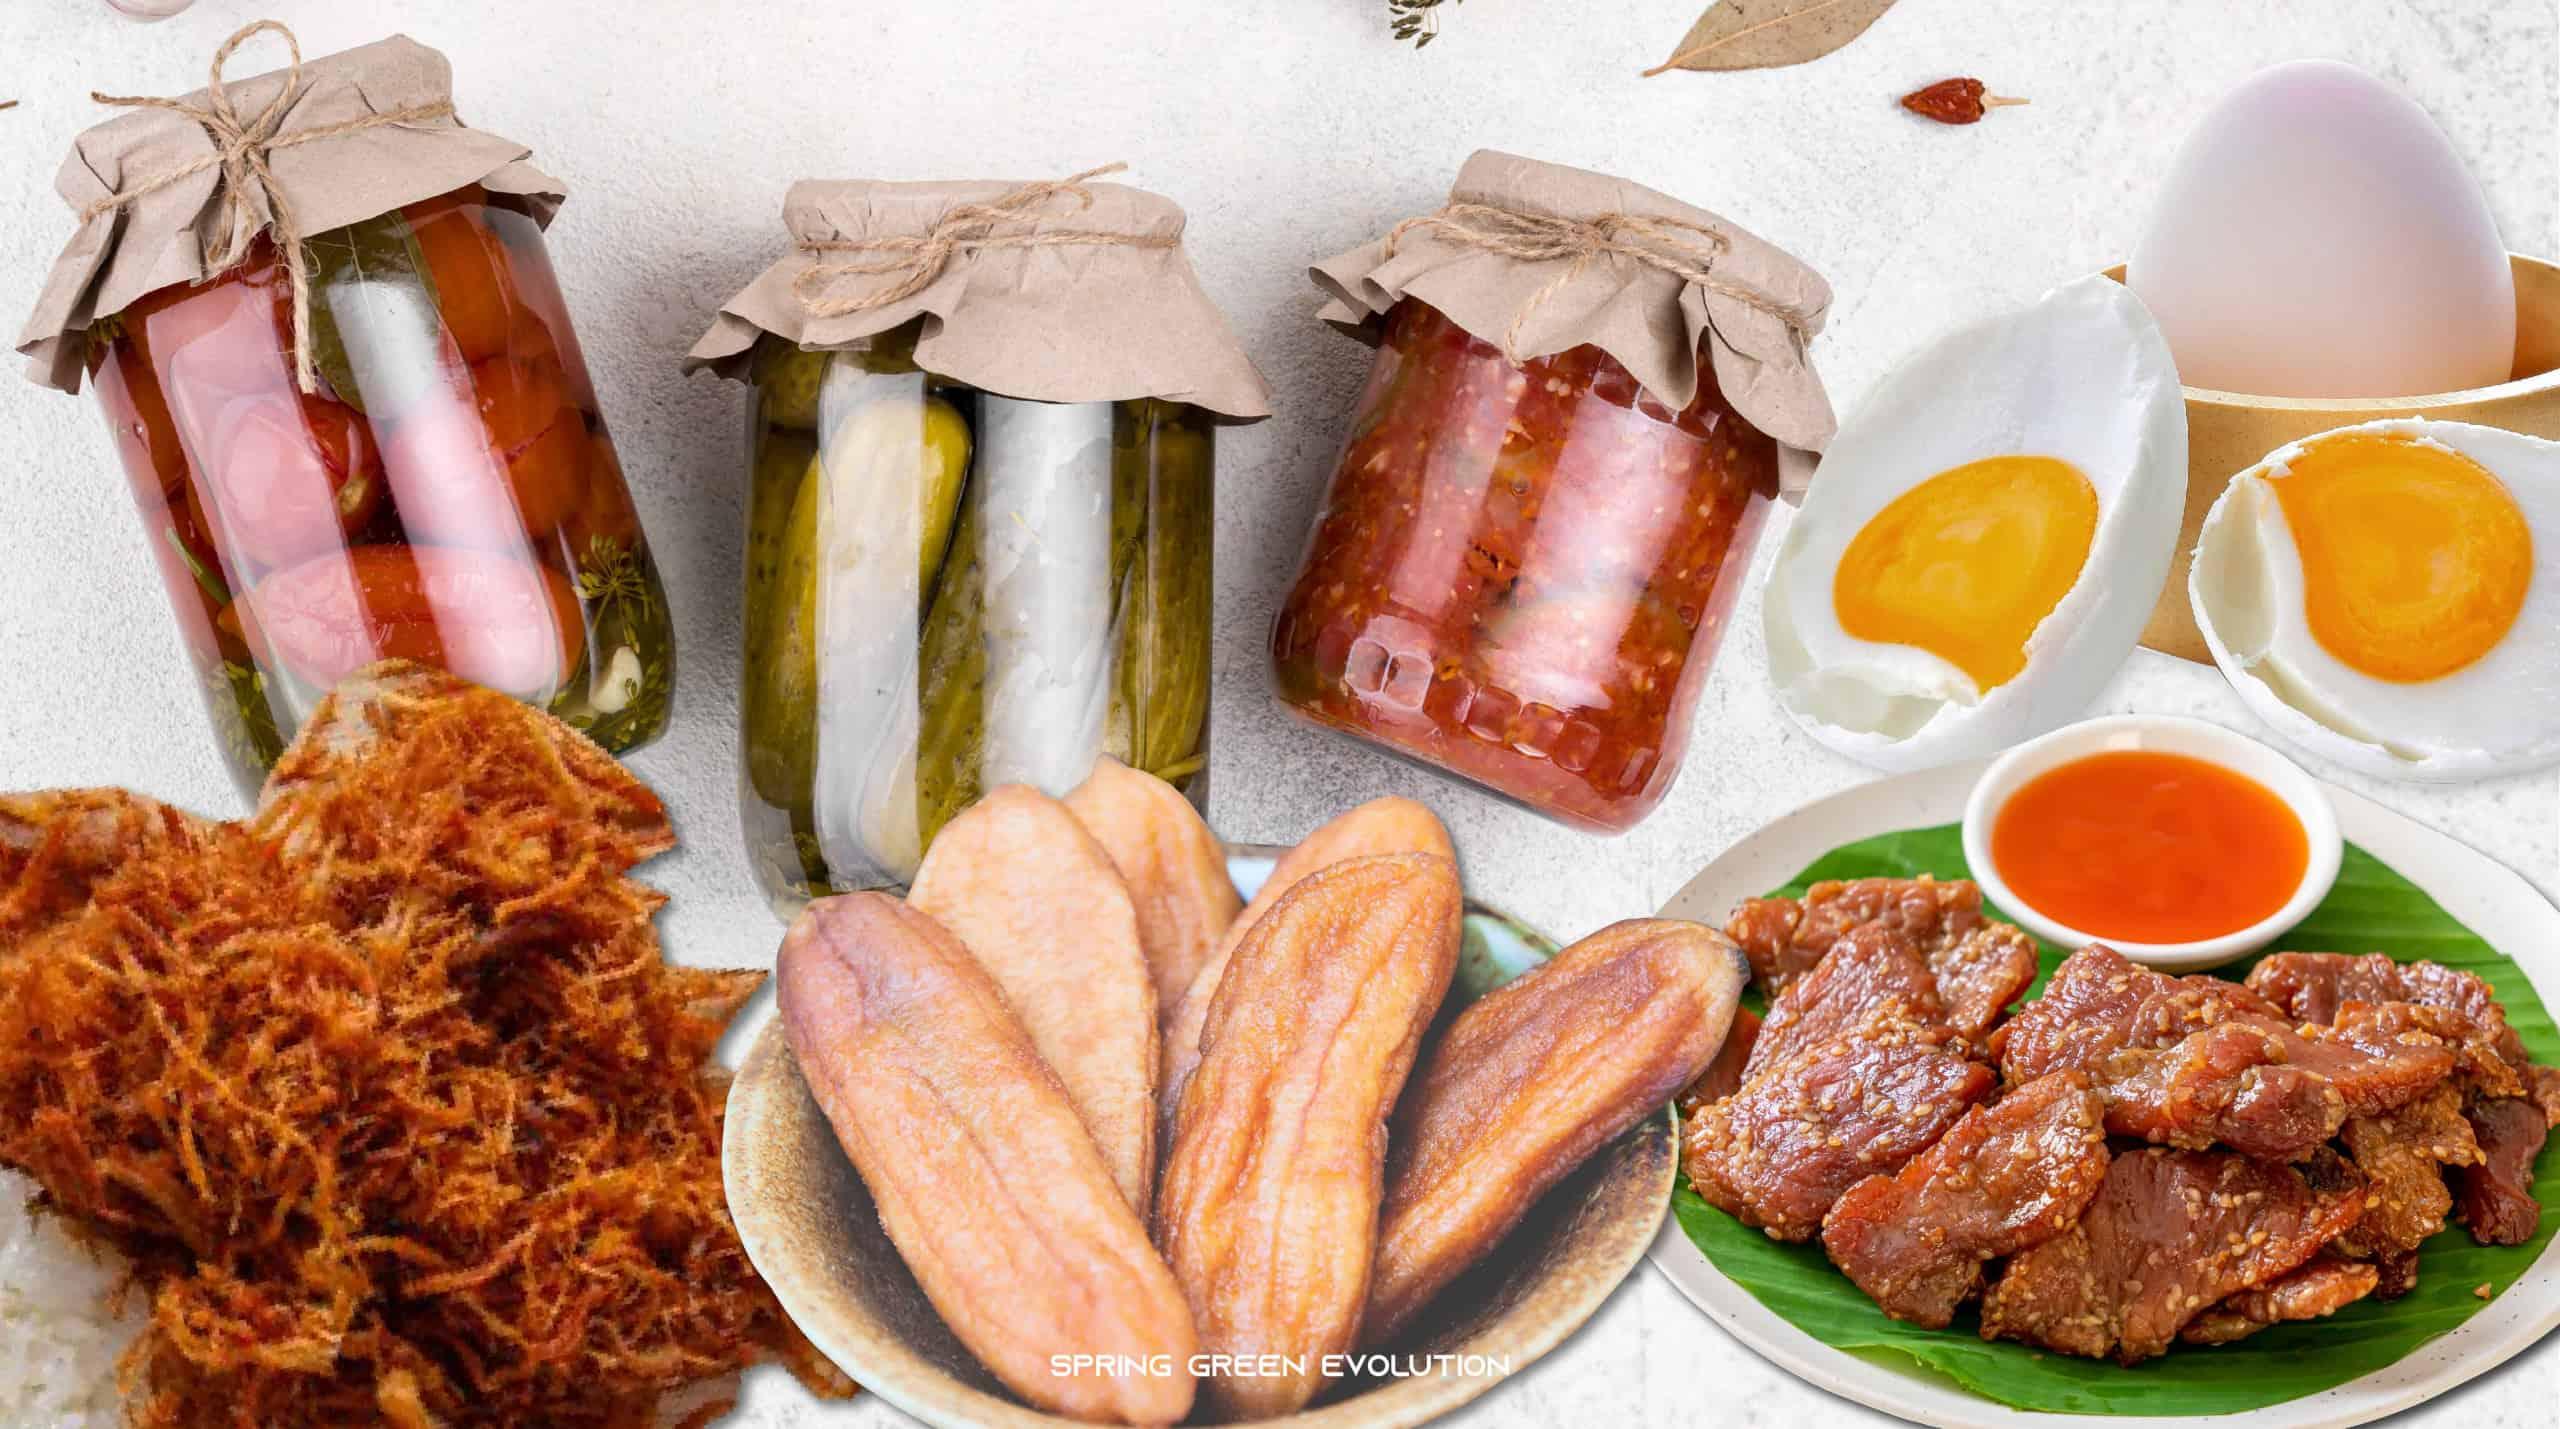 201118-Content-หลักการถนอมอาหารและเมนูถนอมอาหาร-10